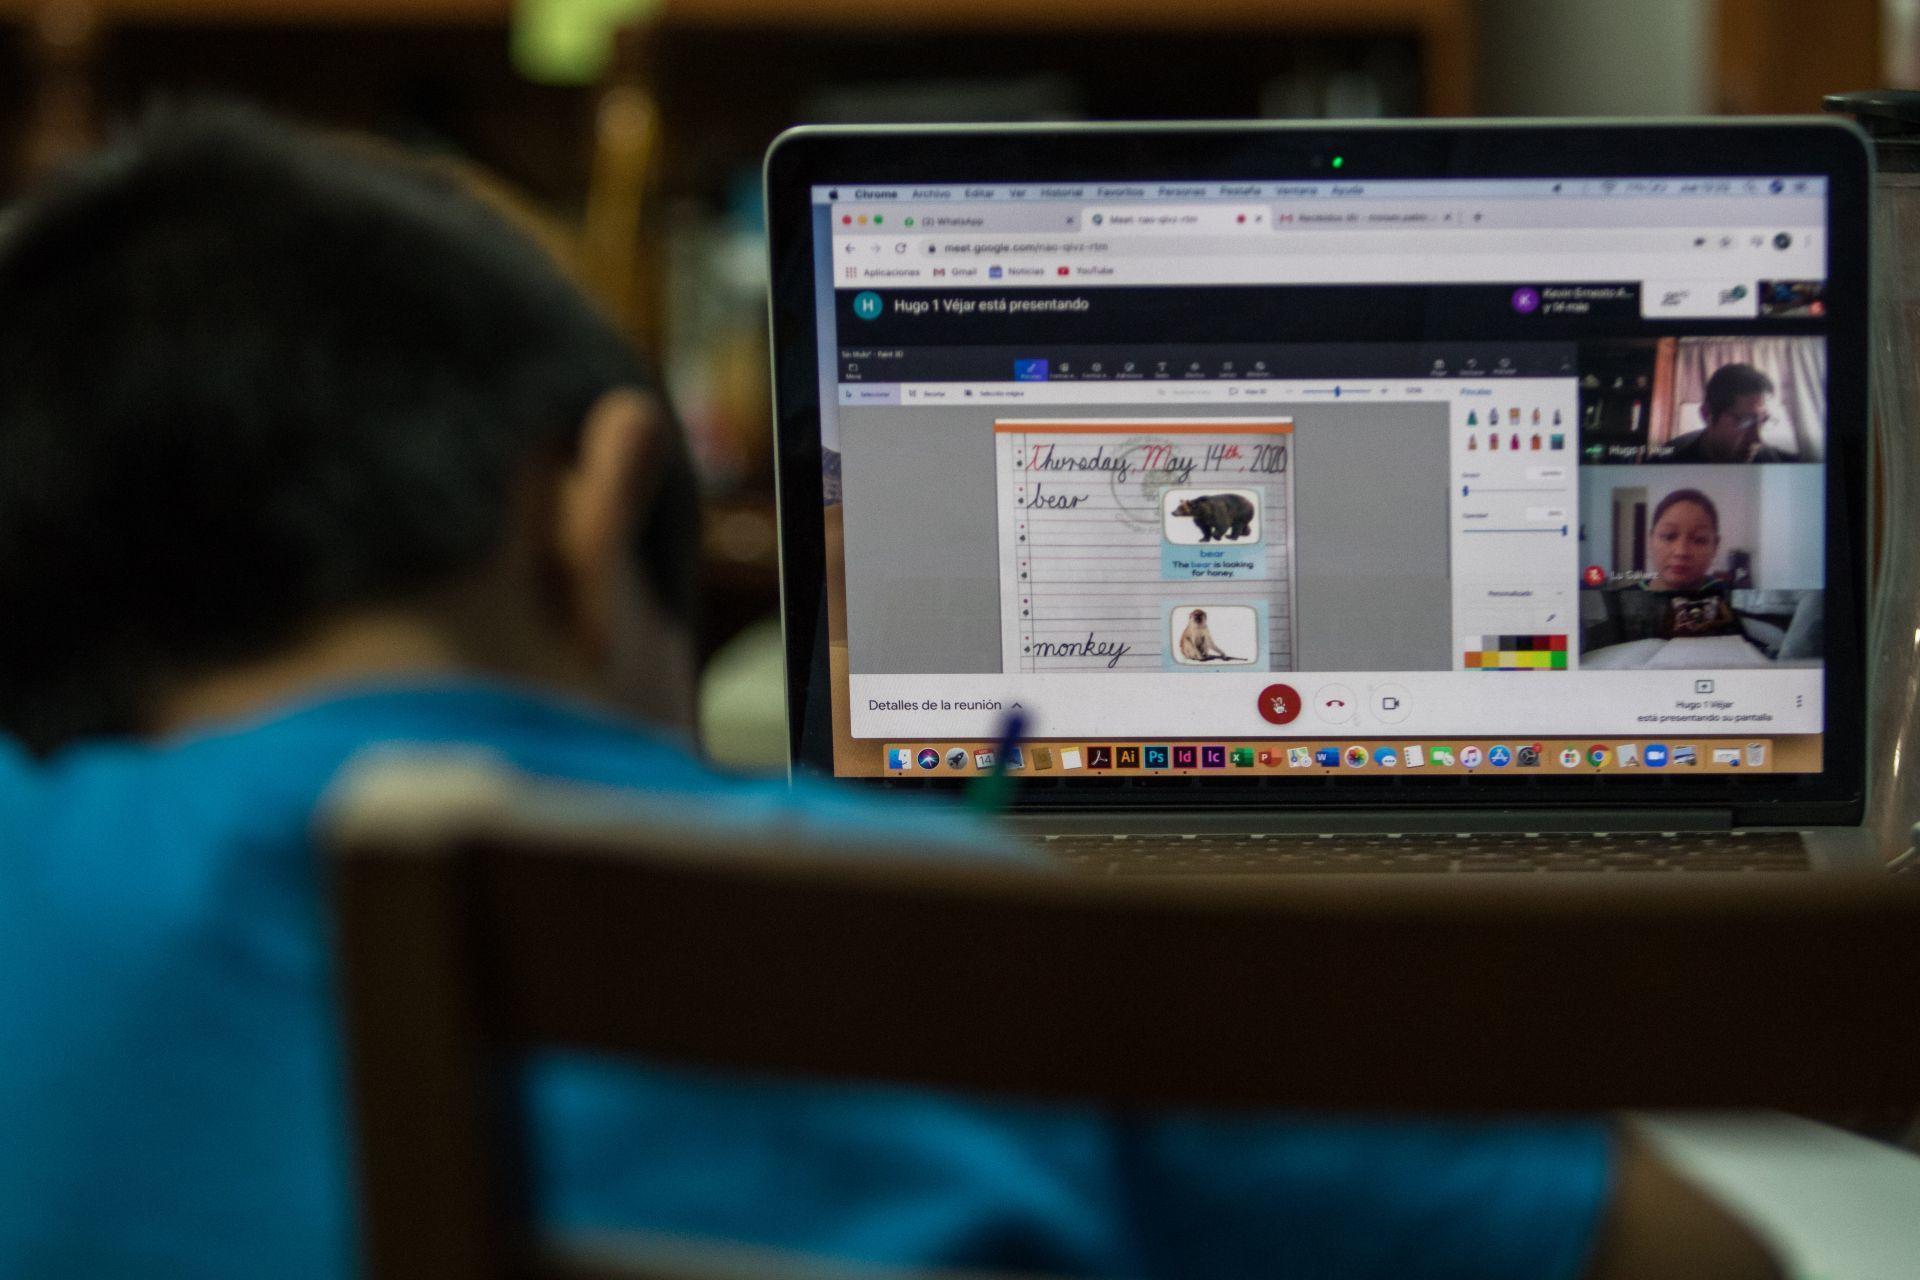 CIUDAD DE MÉXICO, 13ABRIL2020.- Niños de educación básica toman clases a distancia a través de aplicaciones en Internet con los que pueden compartir el conocimiento con sus maestros y compañeros, un ejercicio que le permite regresar un poco a su normalidad. Millones de niños han visto interrumpida su actividades académicas en las aulas escolares por la restricciones sanitarias decretadas por la pandemia de Covid-19, en México la fecha tentativa para levantar la cuarentena es hasta el 30 de abril, sin embargo, las autoridades han vislumbrado que esta se podría alargar.  FOTO: MOISÉS PABLO/CUARTOSCURO.COM